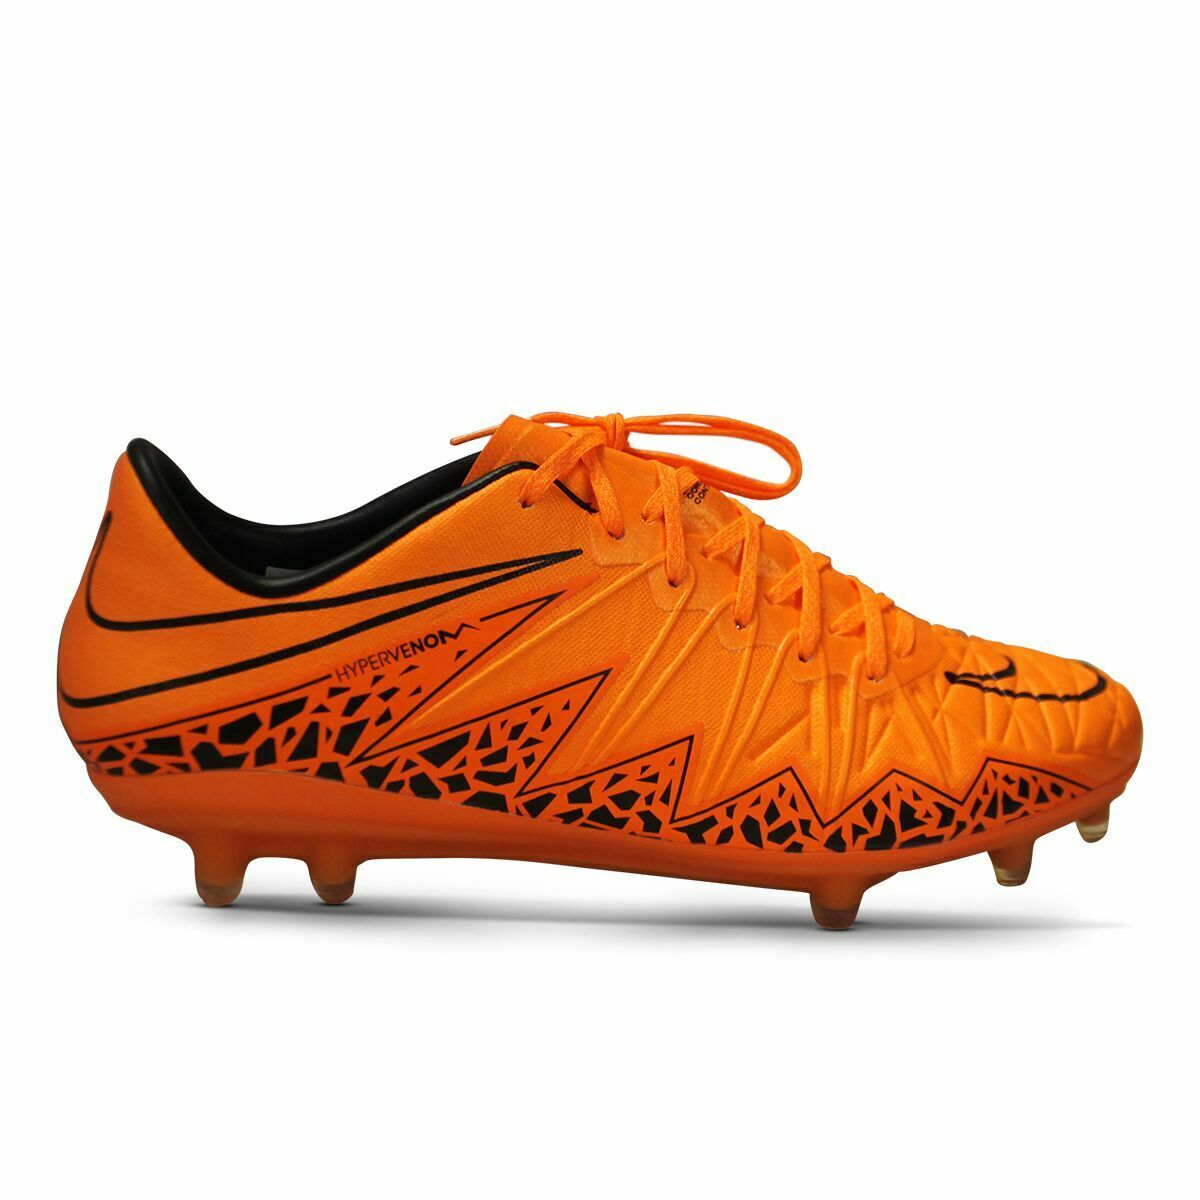 Nike Hypervenom phinish Tierra Firme Botines De Fútbol-Tamaño 7.5 Negro Naranja